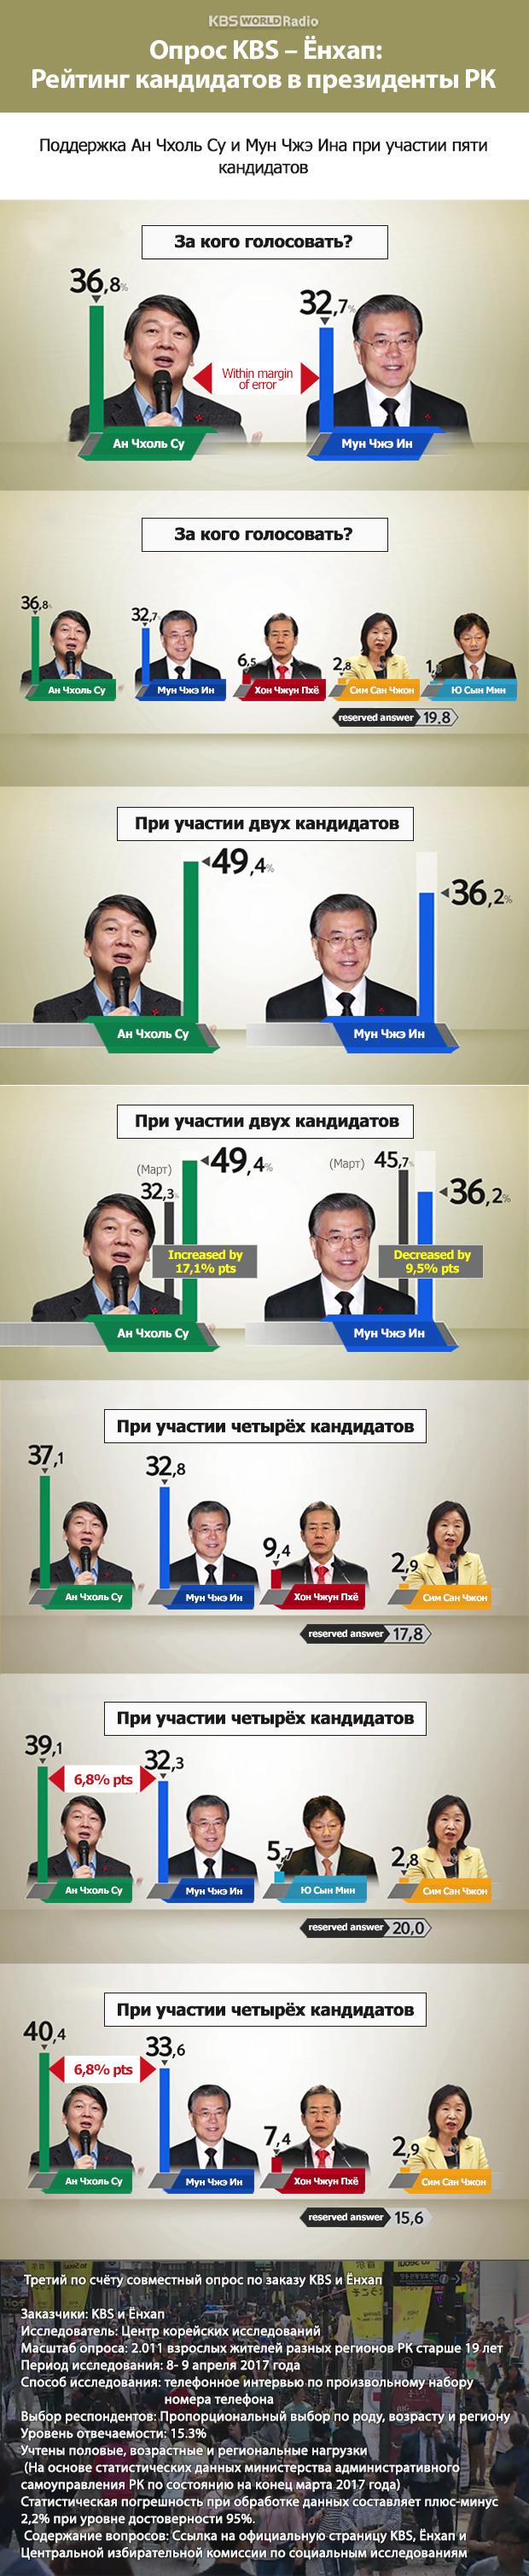 Опрос KBS – Ёнхап